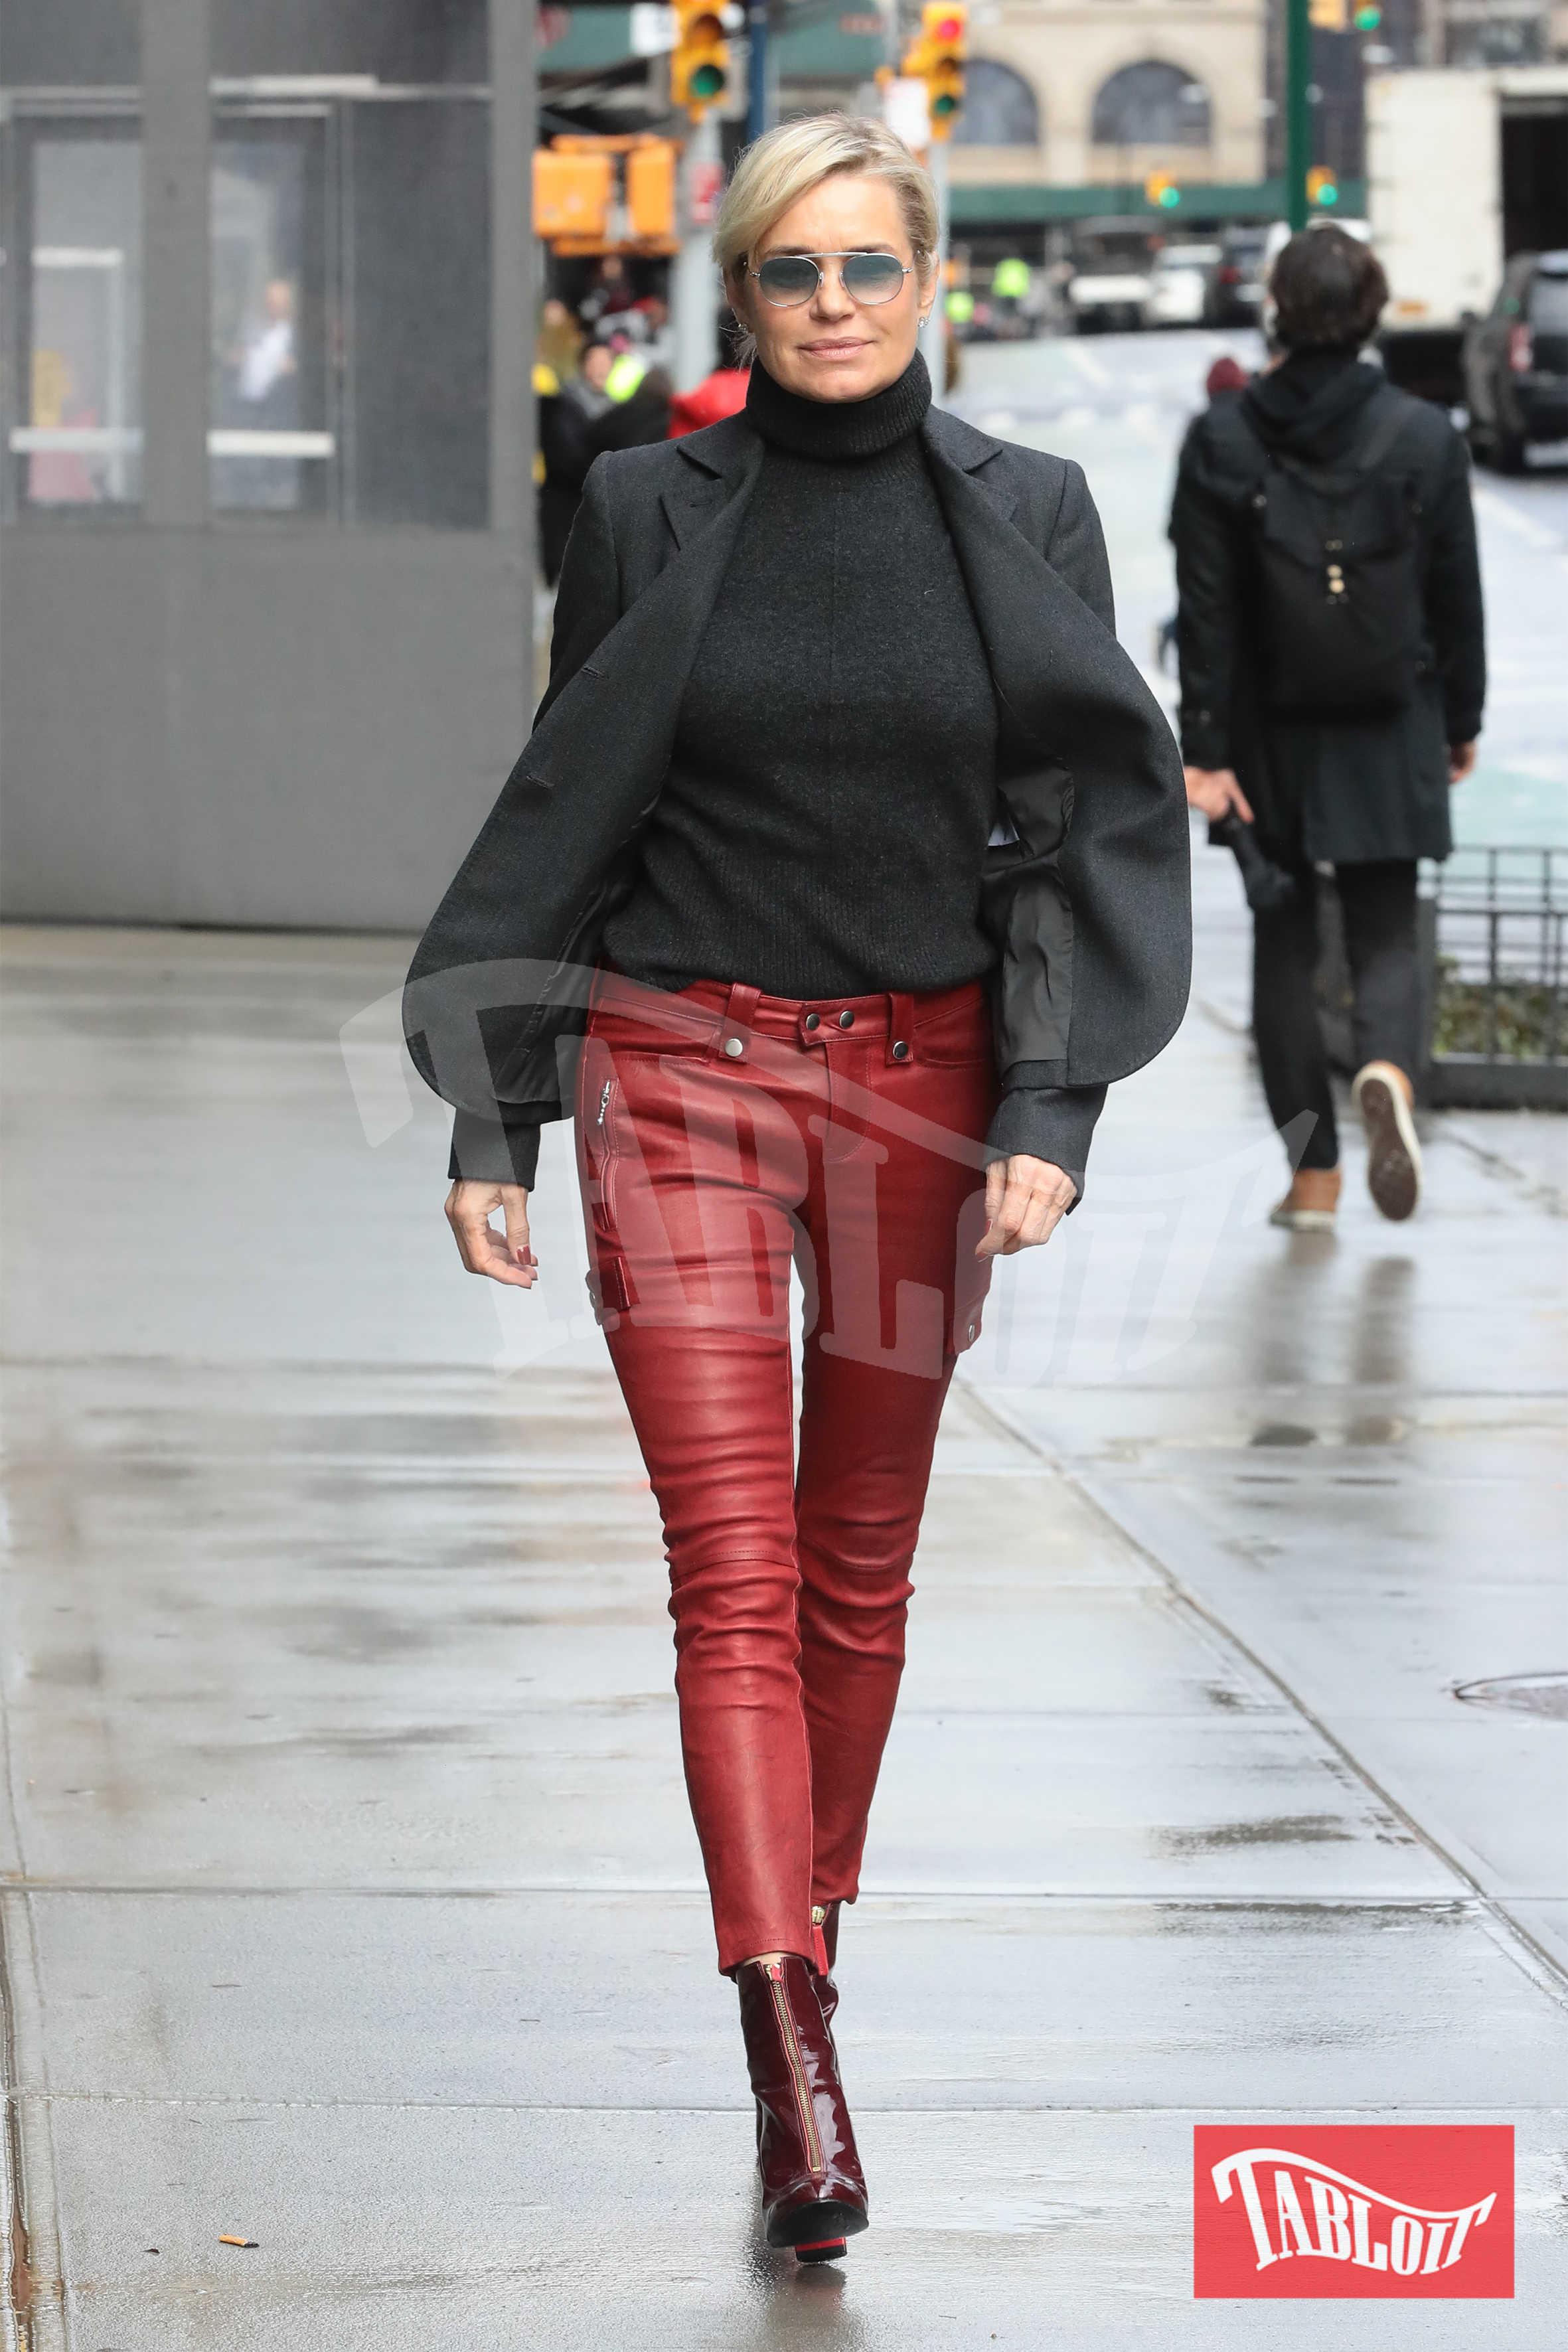 Yolanda Hadid a New York City sfoggia un look che mixa rock e chic: giacca grigia abbinata al dolcevita, pantaloni rossi in pelle e stivaletti in tinta. Occhiali fumè per completare il look